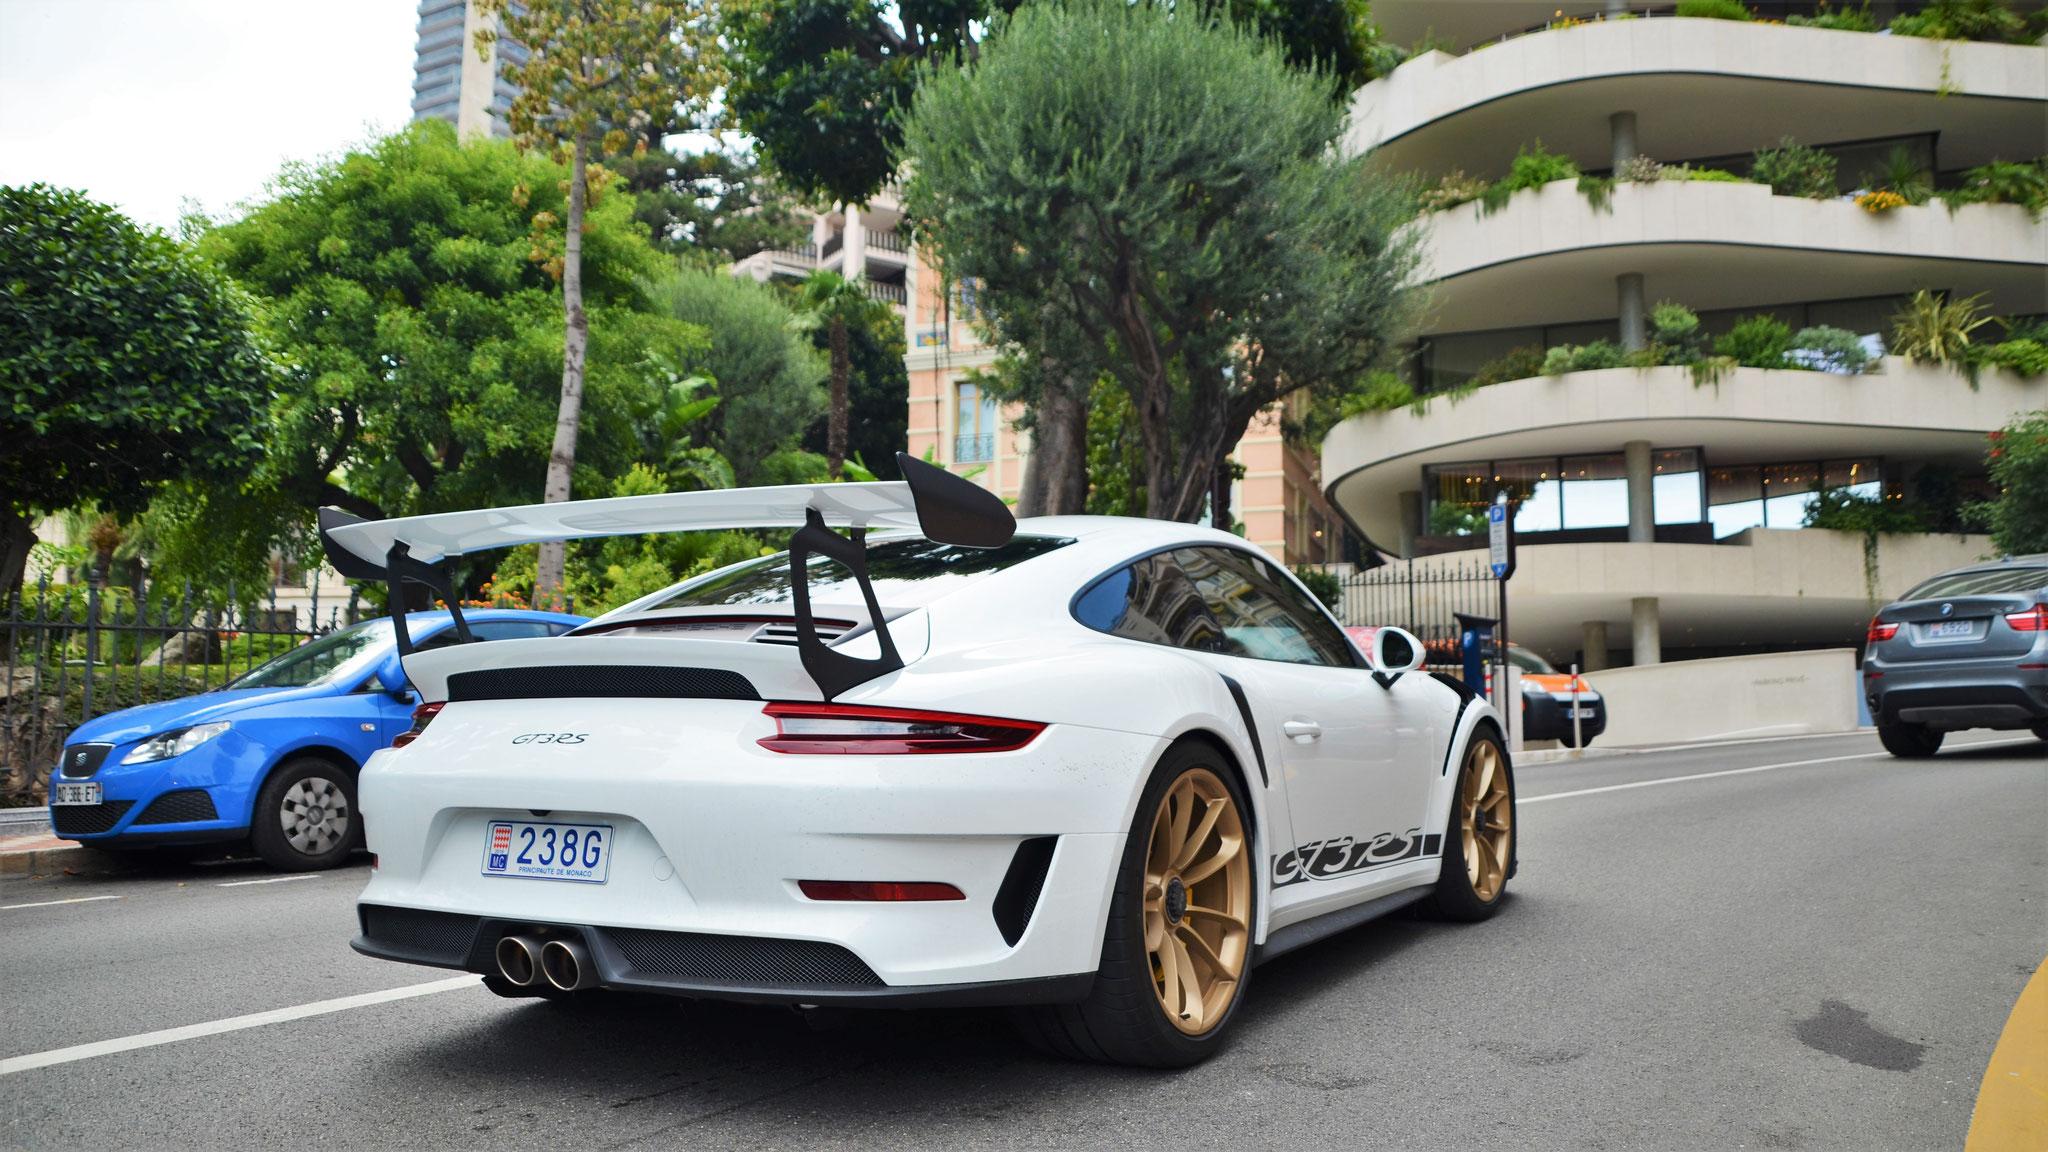 Porsche 911 991.2 GT3 RS - 238G (MC)